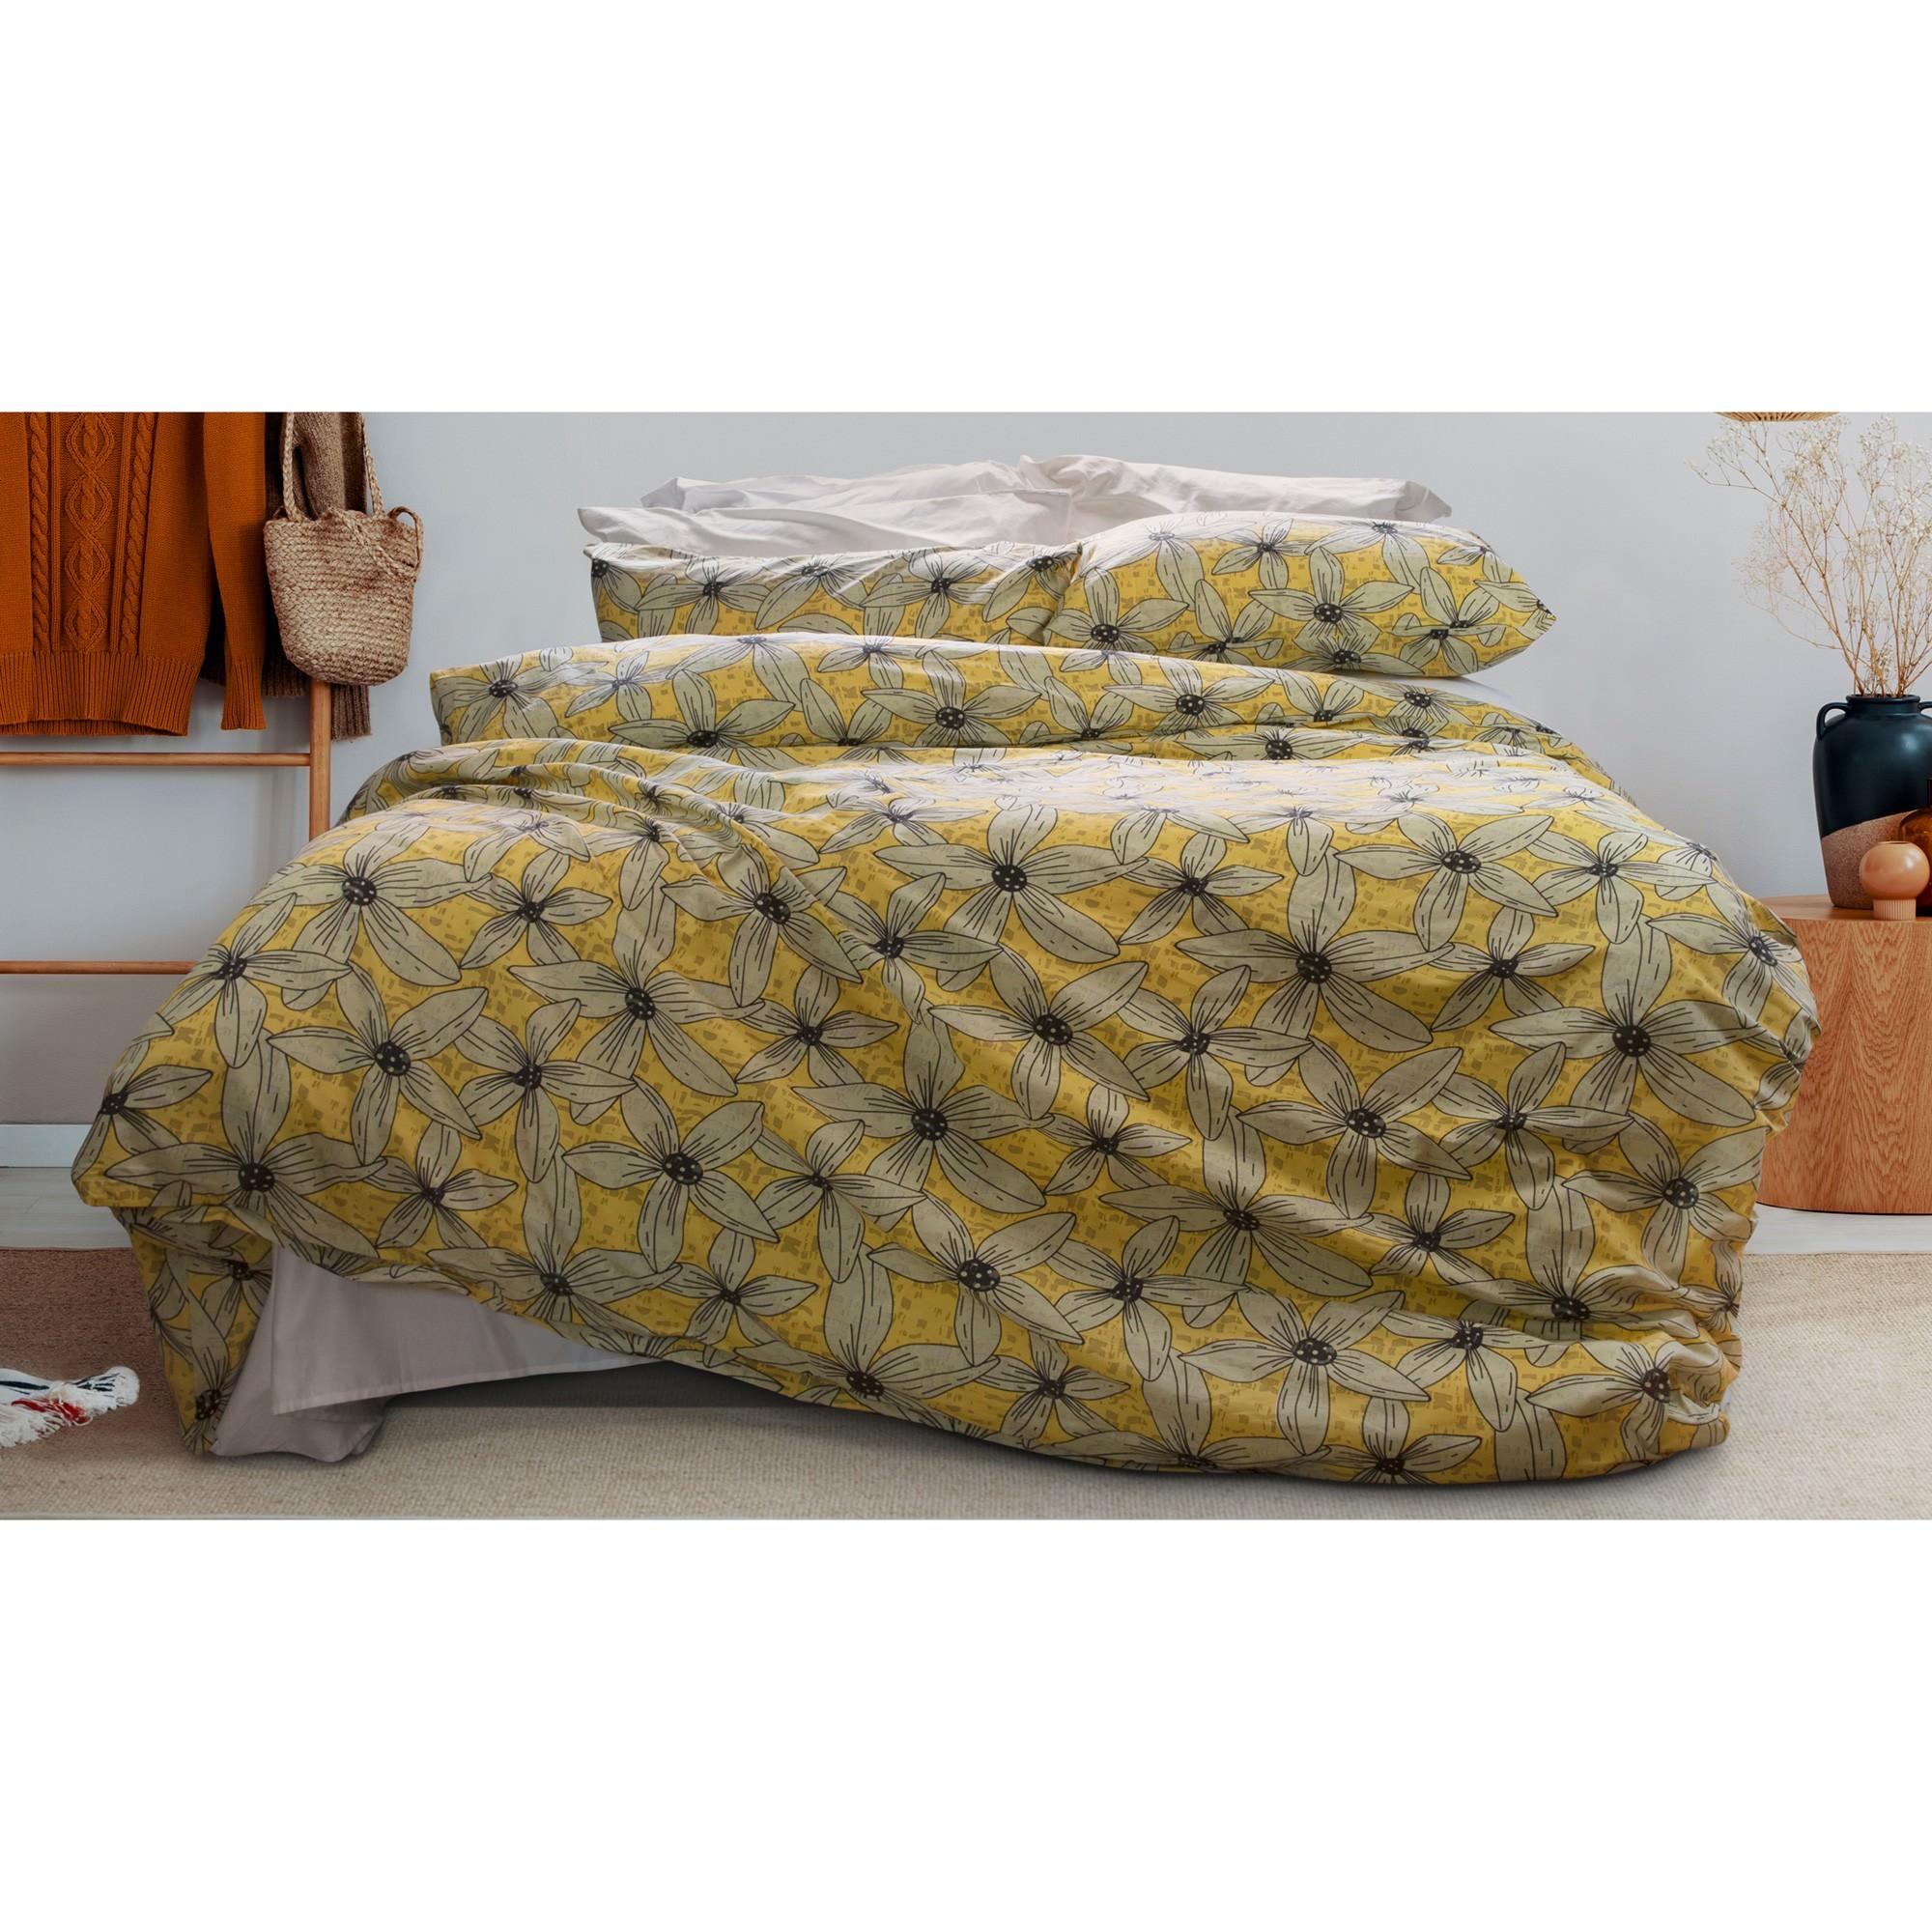 Lumiosa 3 Piece Cotton Quilt Cover Set, Double